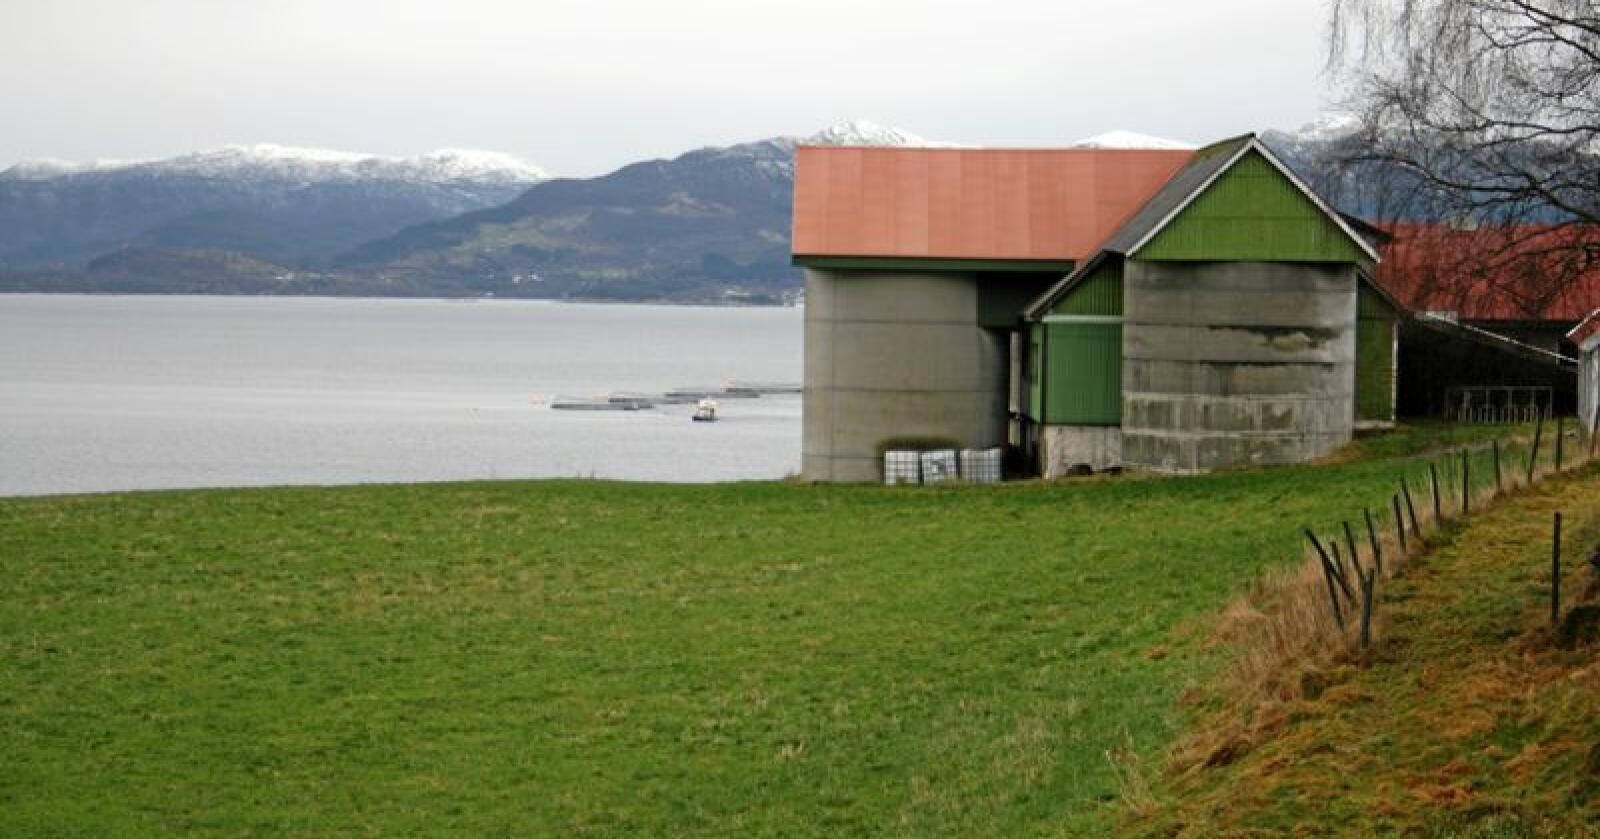 Landsbygda: Ny måling viser at 81 prosent av de spurte på landsbygda sier nei til norsk EU-medlemskap. 40 prosent sier nei til EØS.  Foto: Bjarne Bekkeheien Aase.